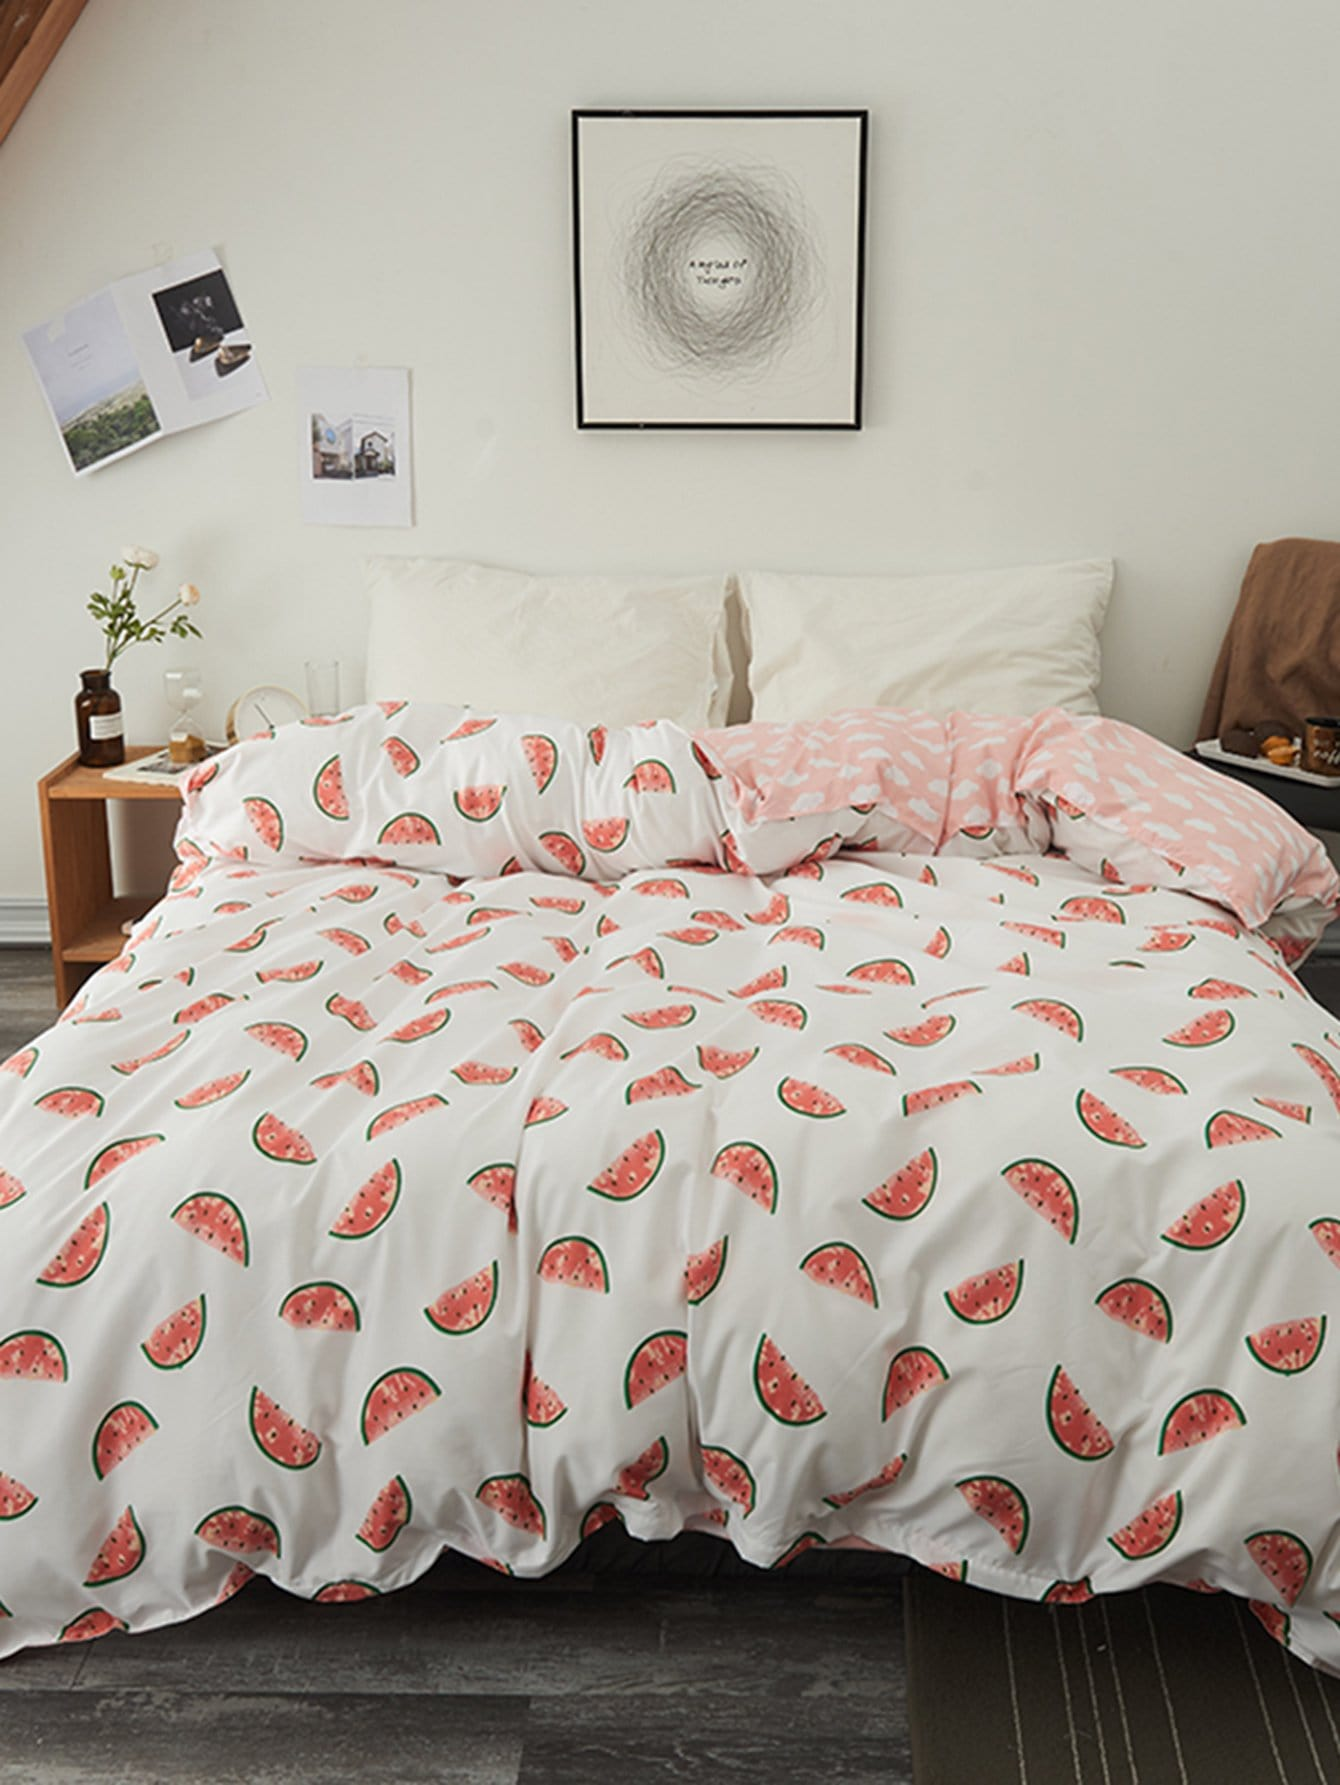 Купить Бархатное постельное бельё с рисунками арбузсов 1 шт, null, SheIn